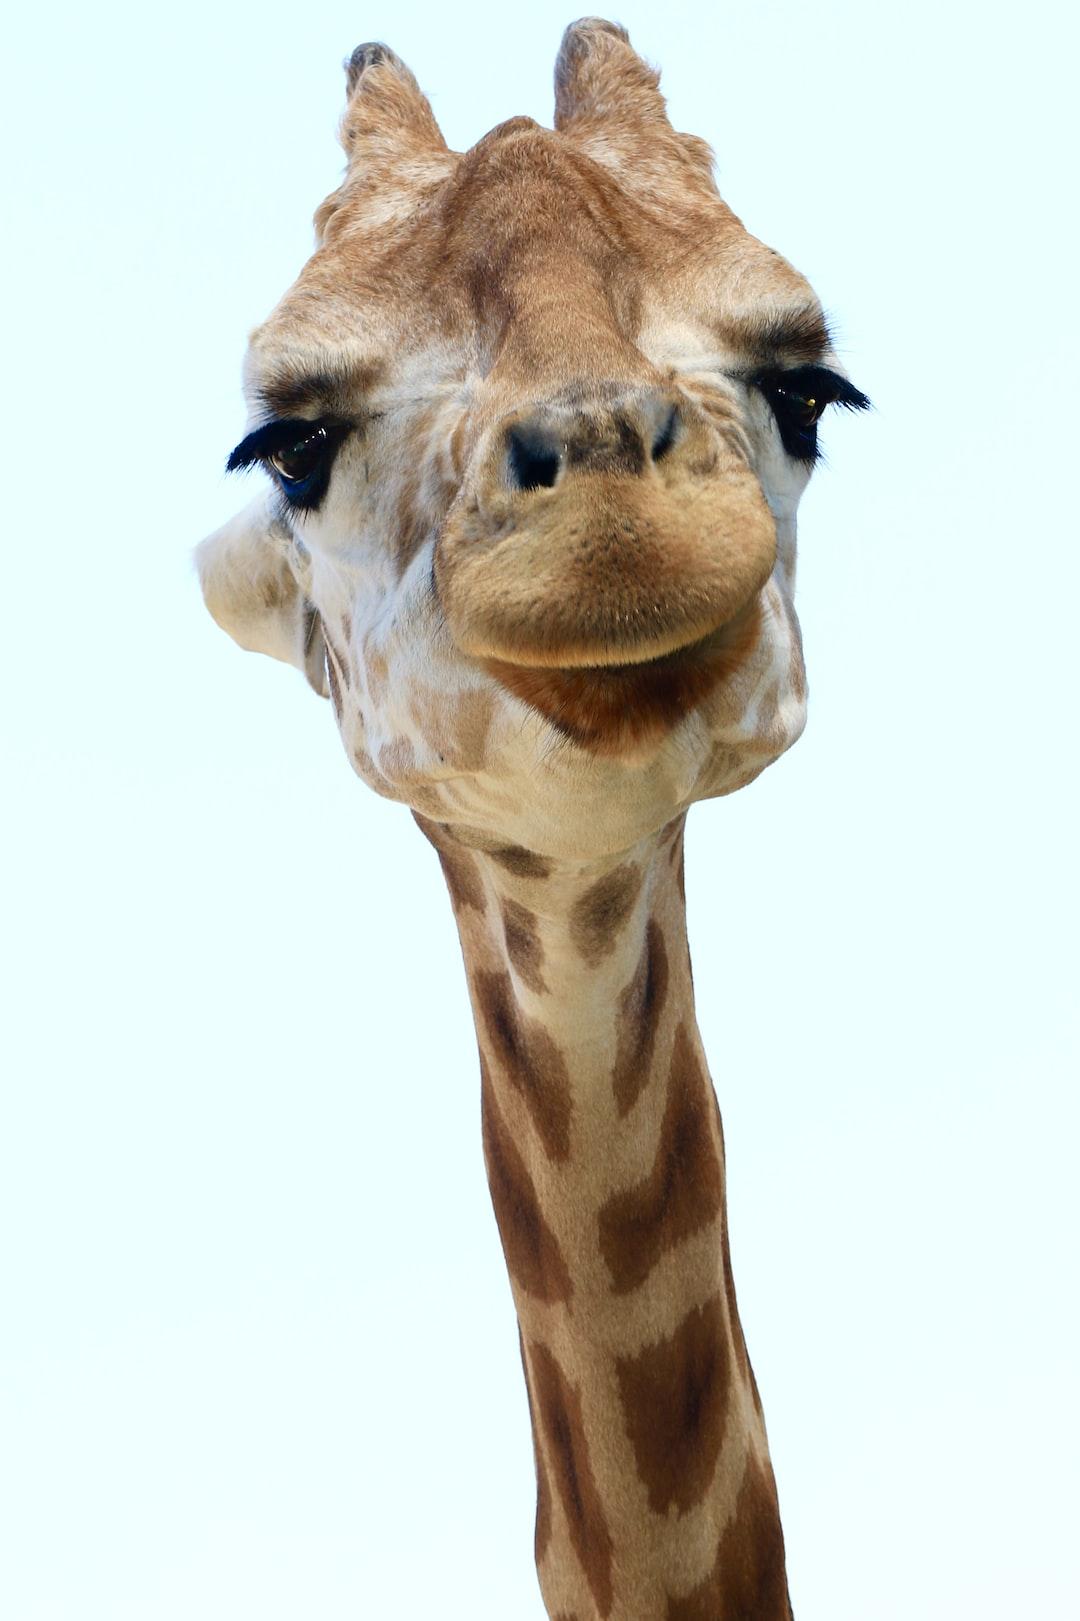 Giraffe portait